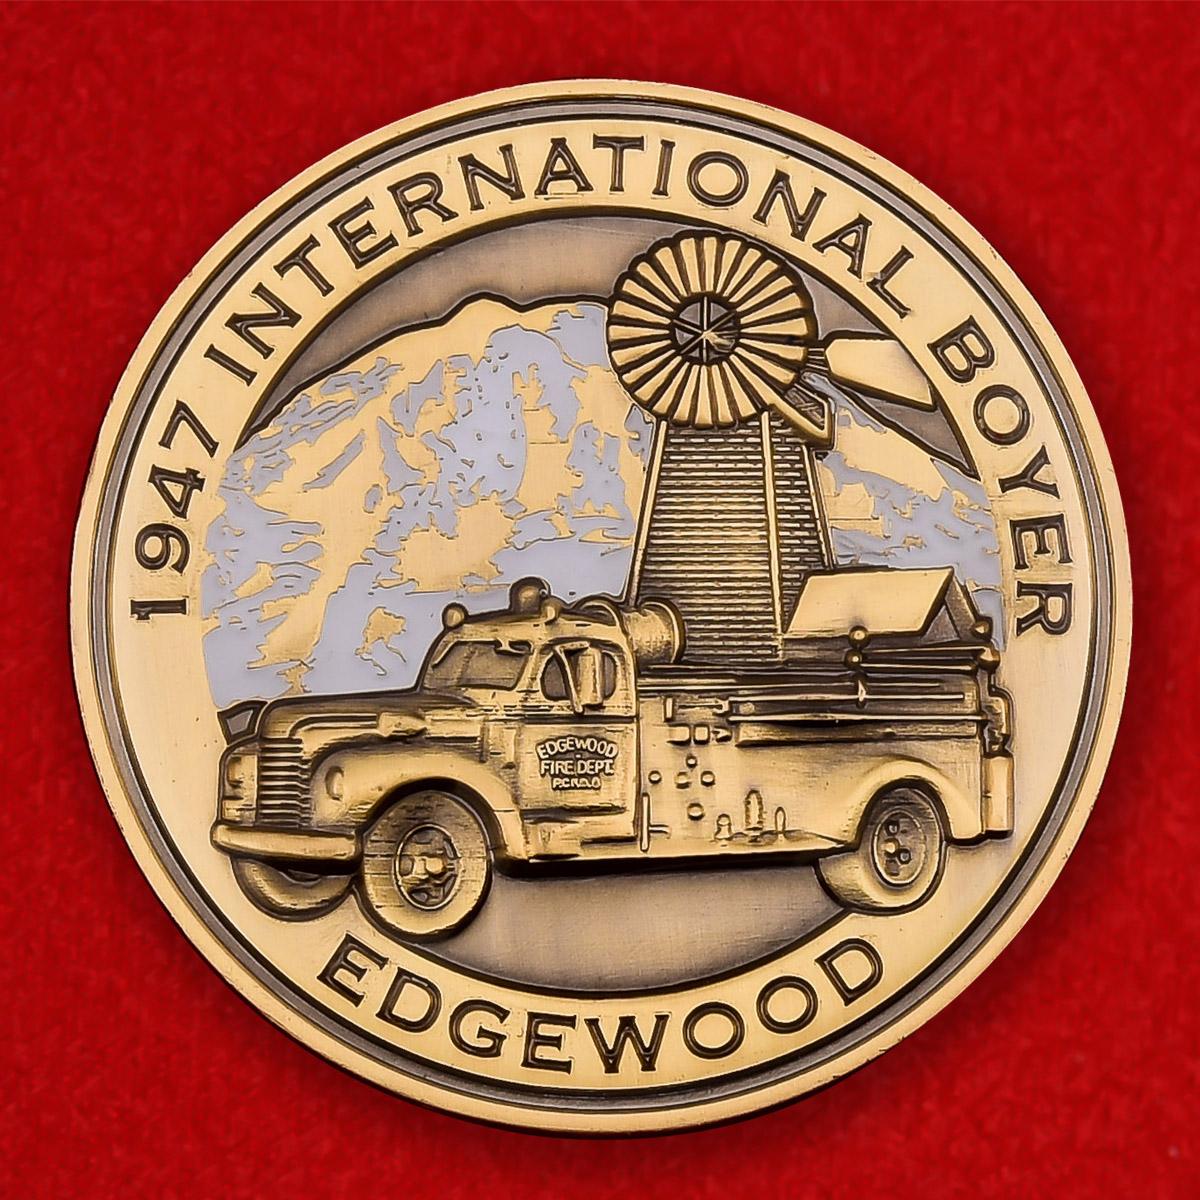 Памятная монета Пожарно-спасательной службы Эджвуда, штат Вашингтон